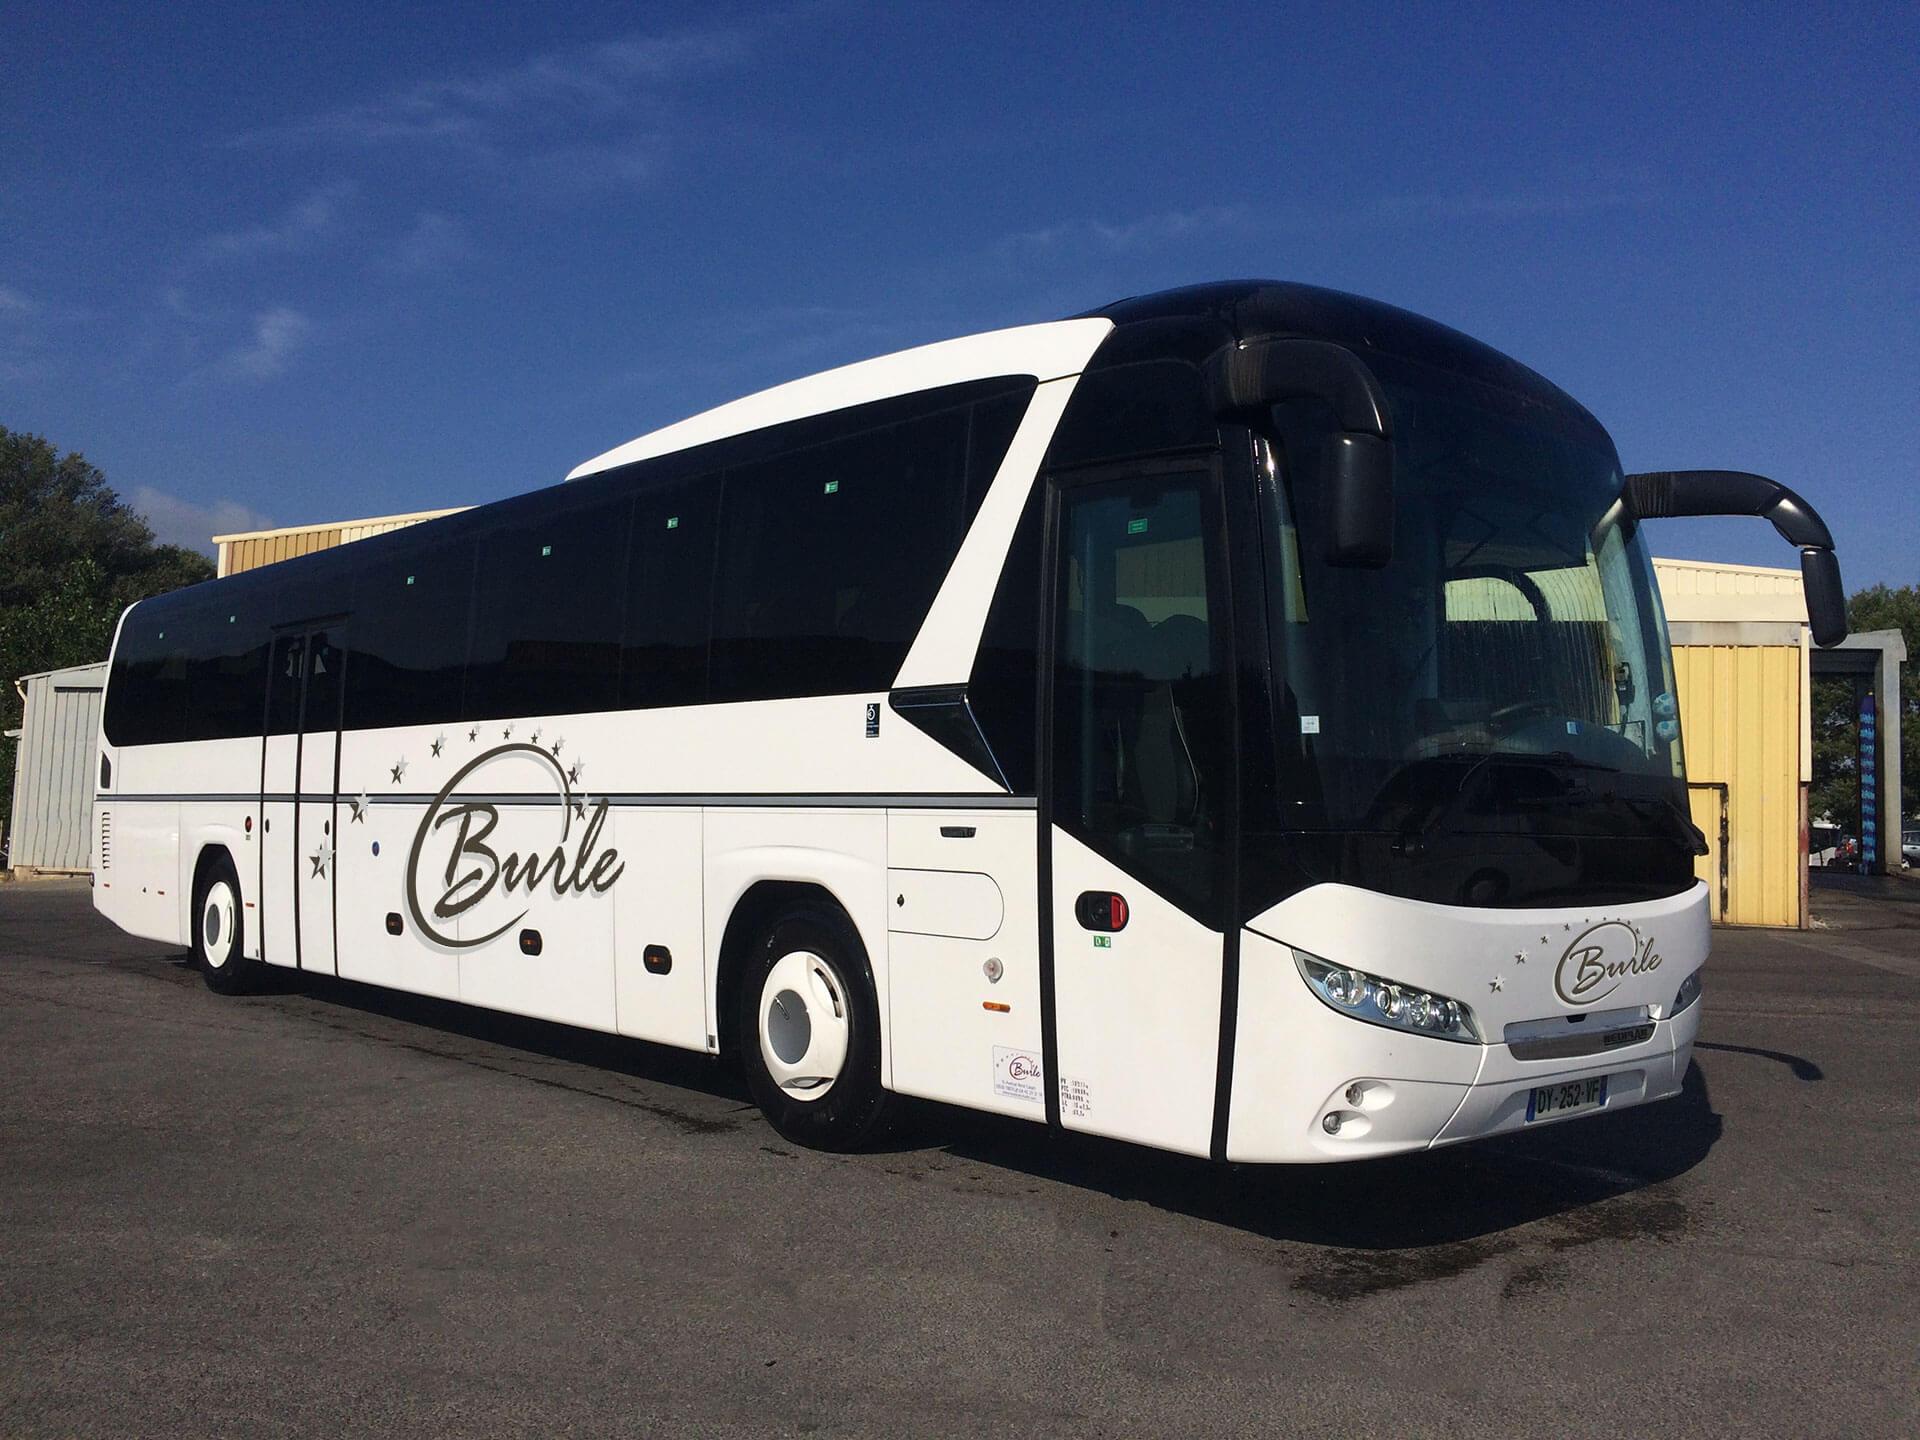 voyage périscolaire autocars Bouches-du-Rhône Autocars BURLE